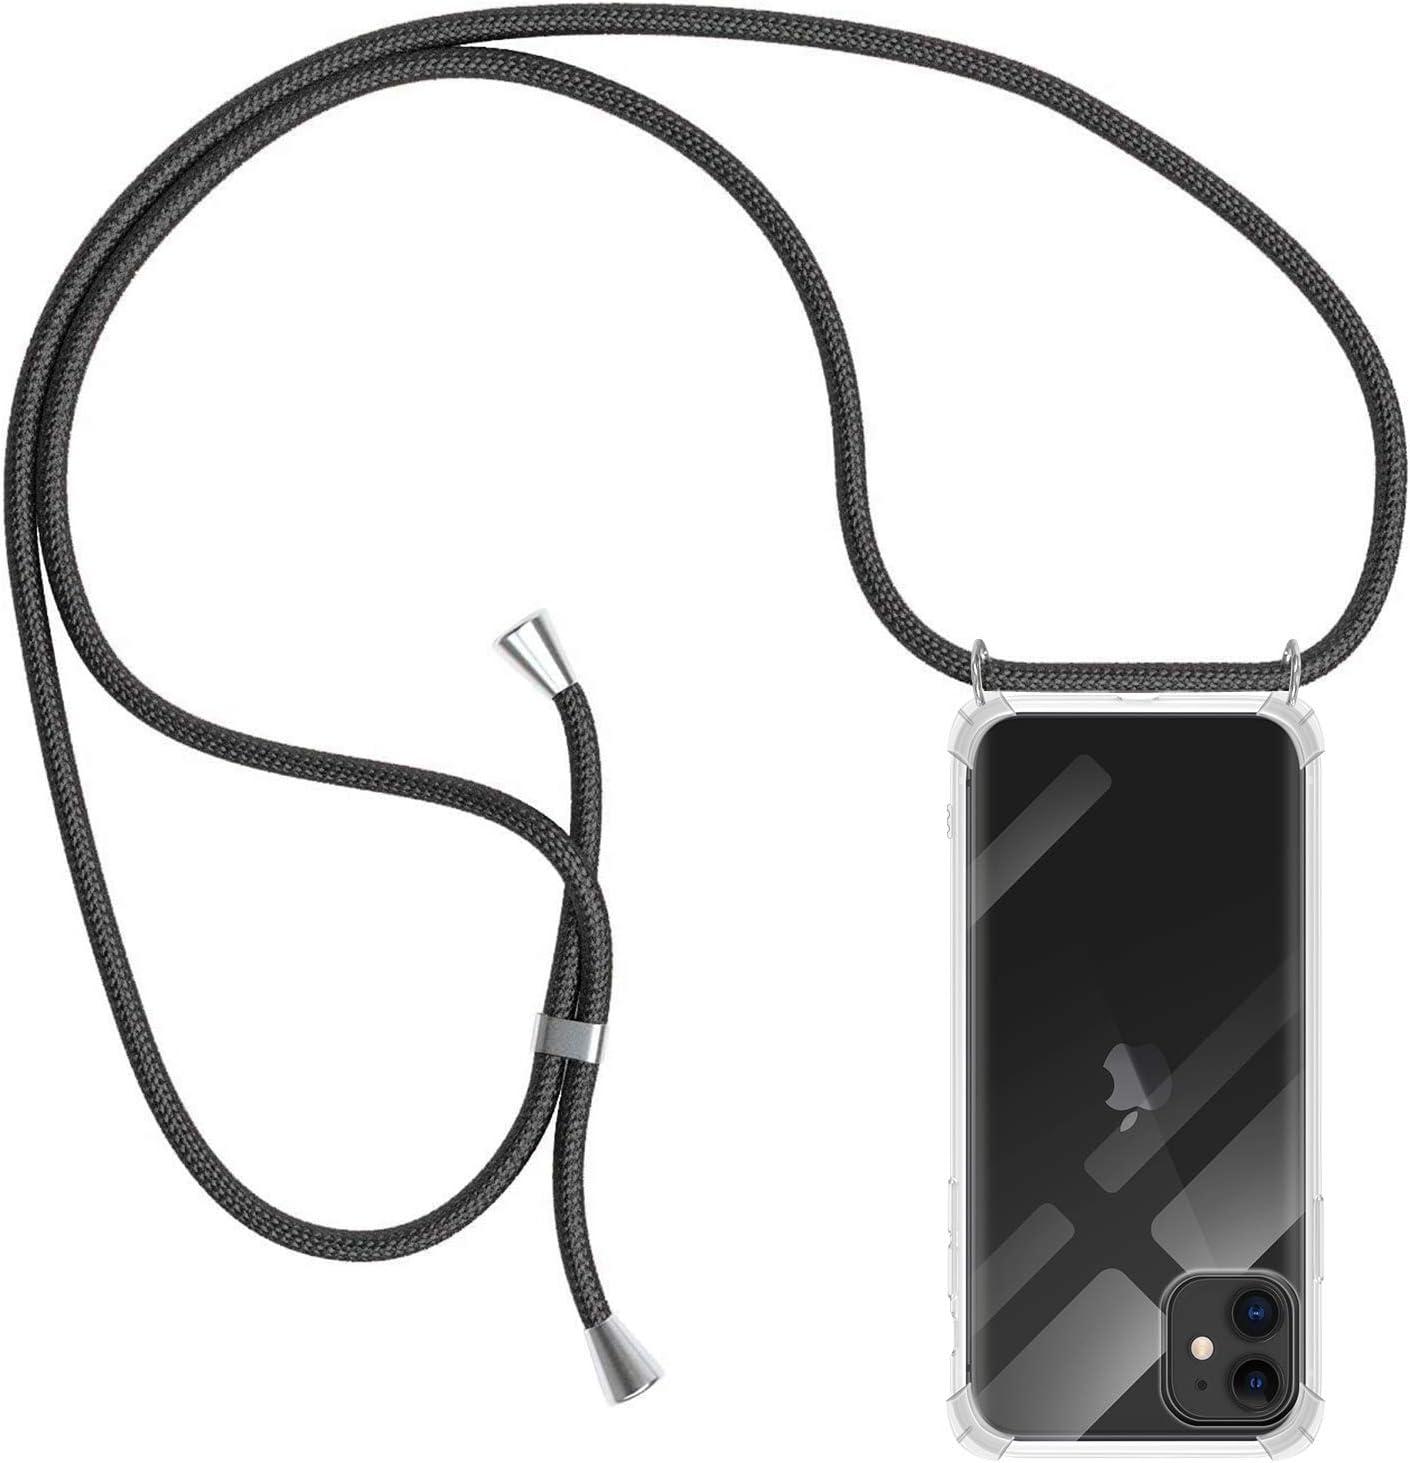 MICASE Funda con Cuerda para iPhone 11, Carcasa Transparente TPU Suave Silicona Case con Correa Colgante Ajustable Collar Correa de Cuello Cadena Cordón para iPhone 11 6.1'' - Negro